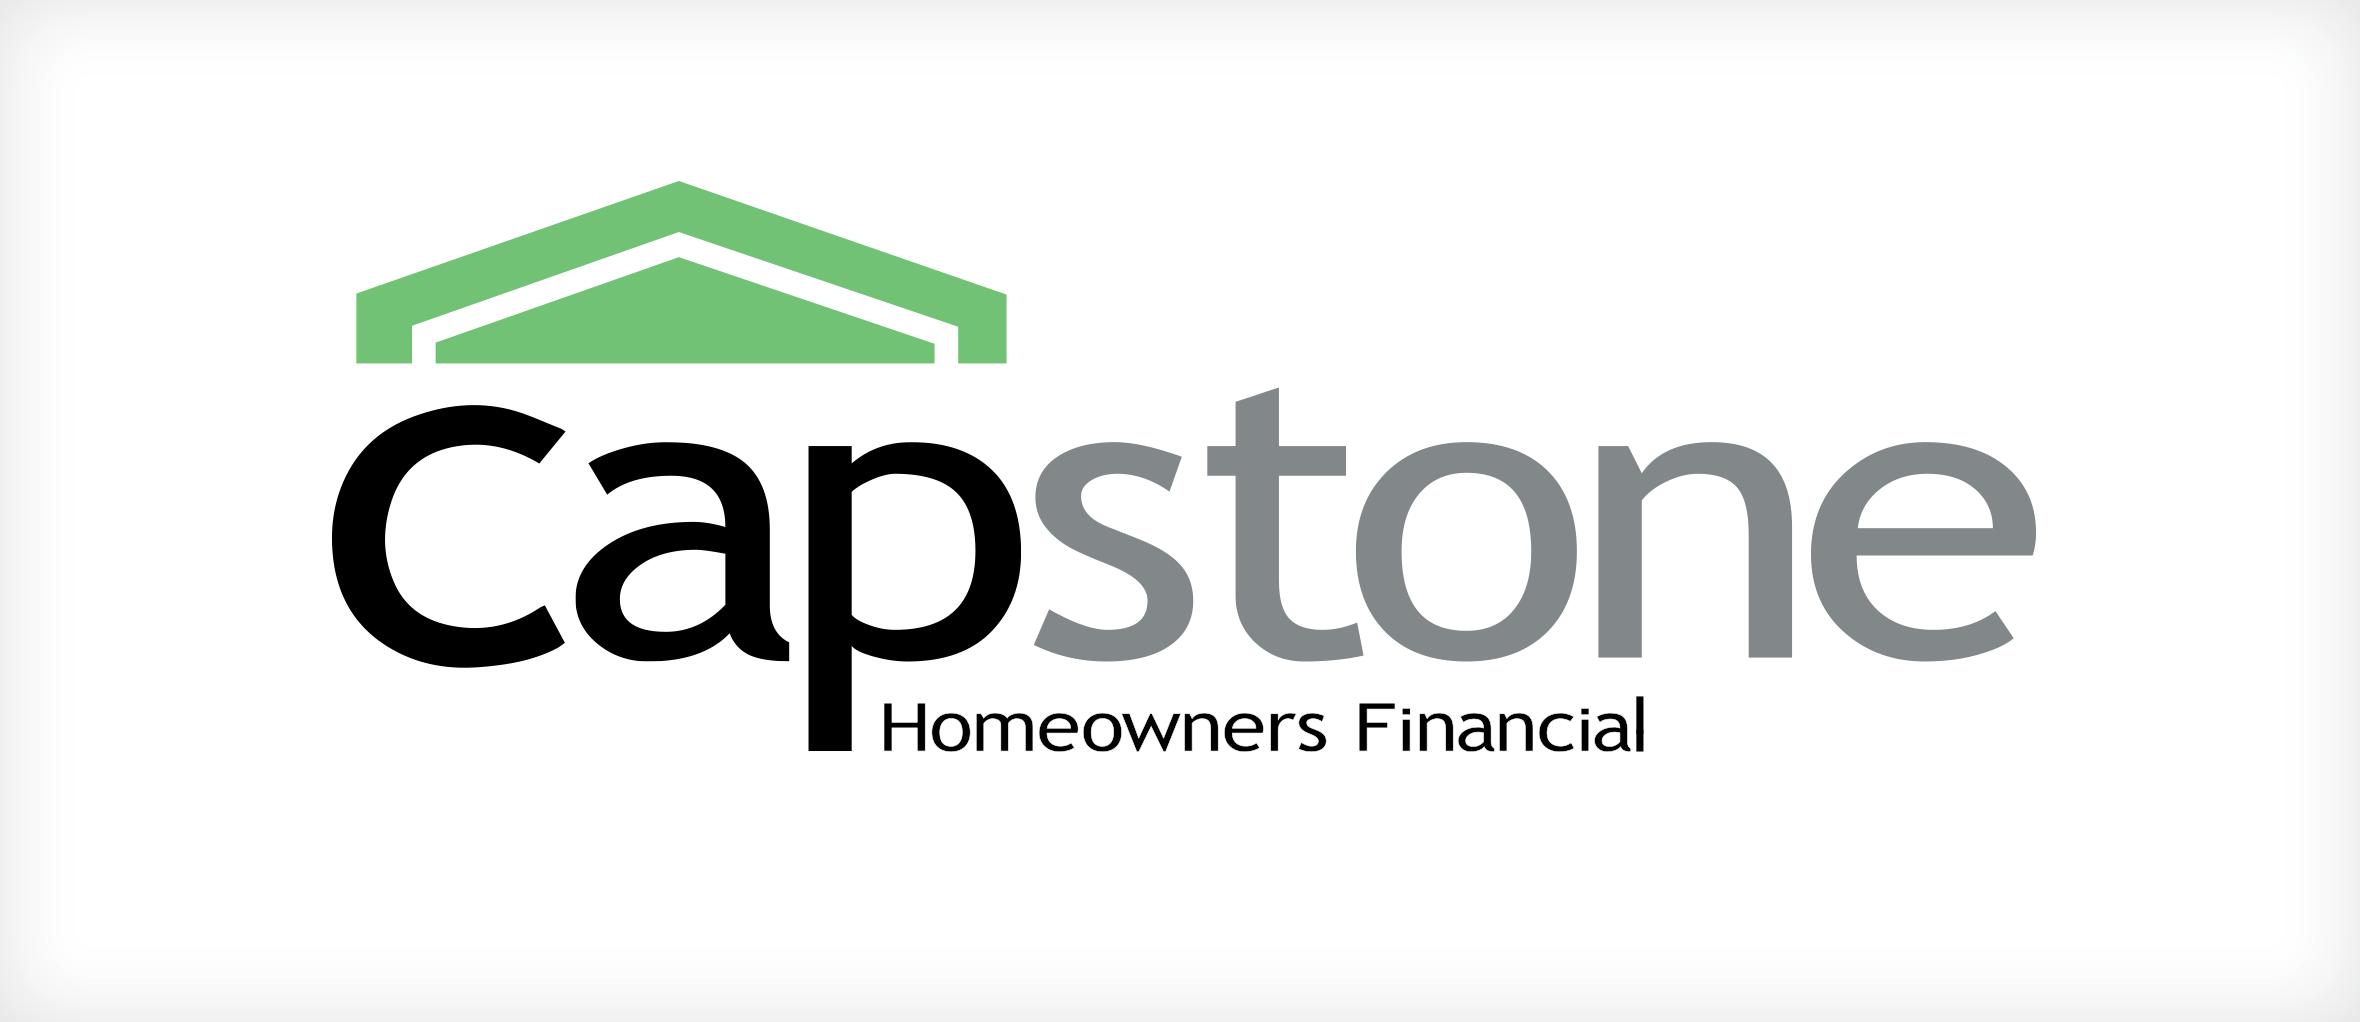 port-capstone-innerglow-full-width-half-tall